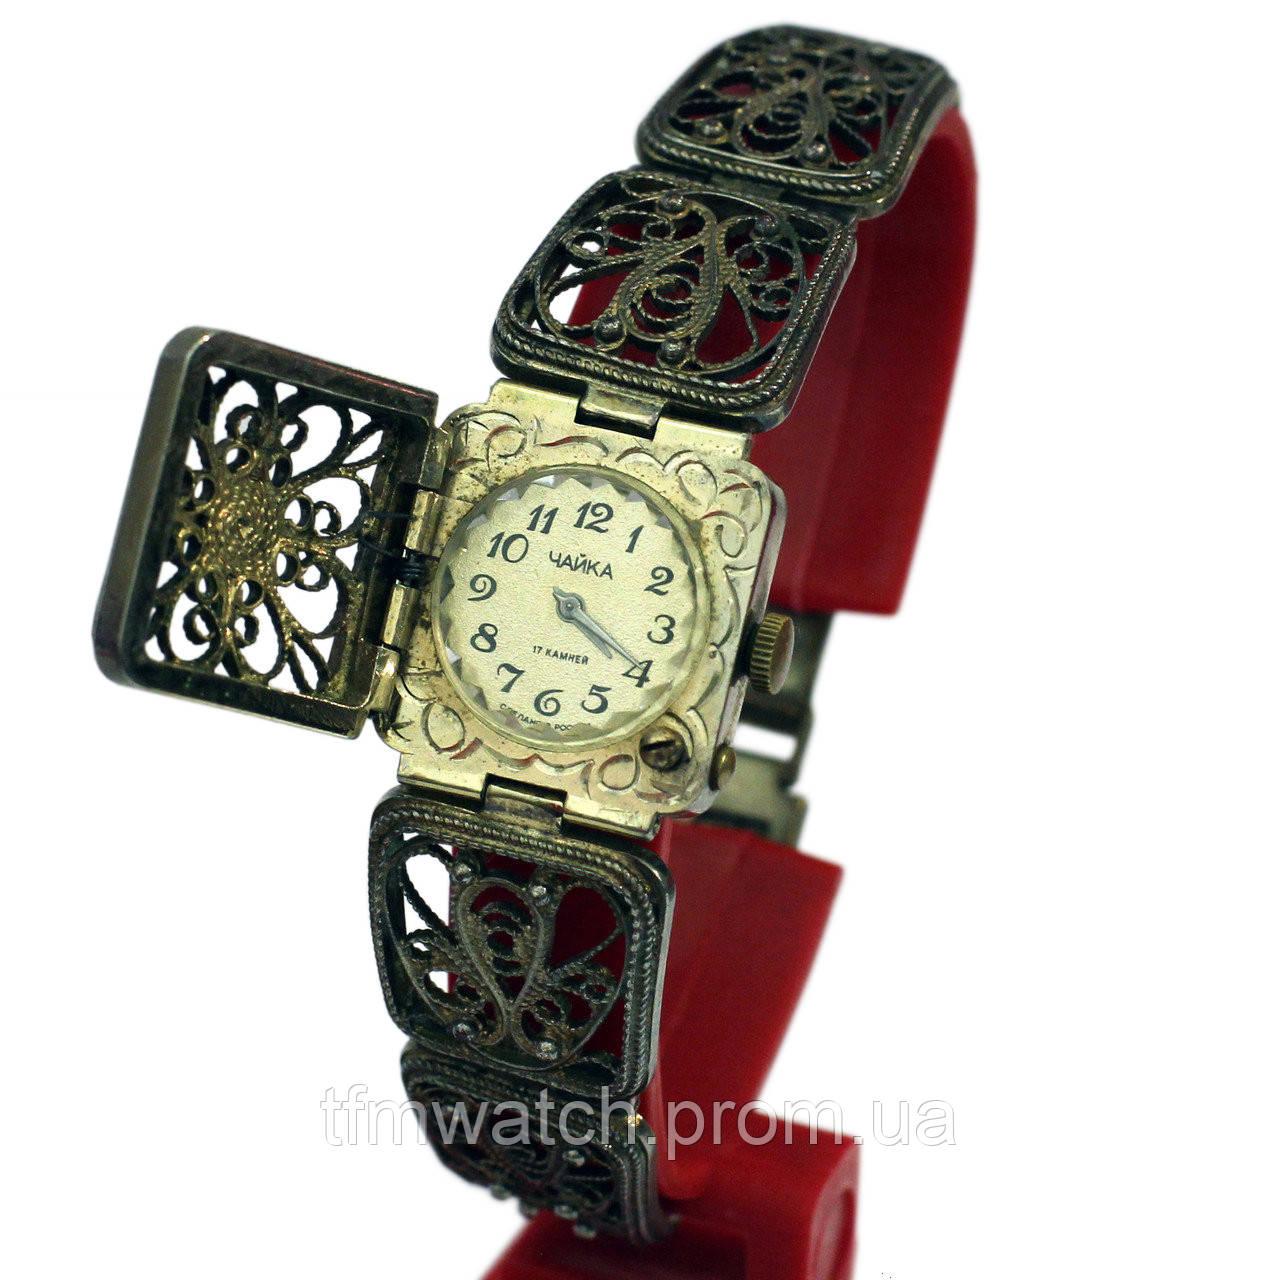 Красивые женские часы Чайка, фото 1